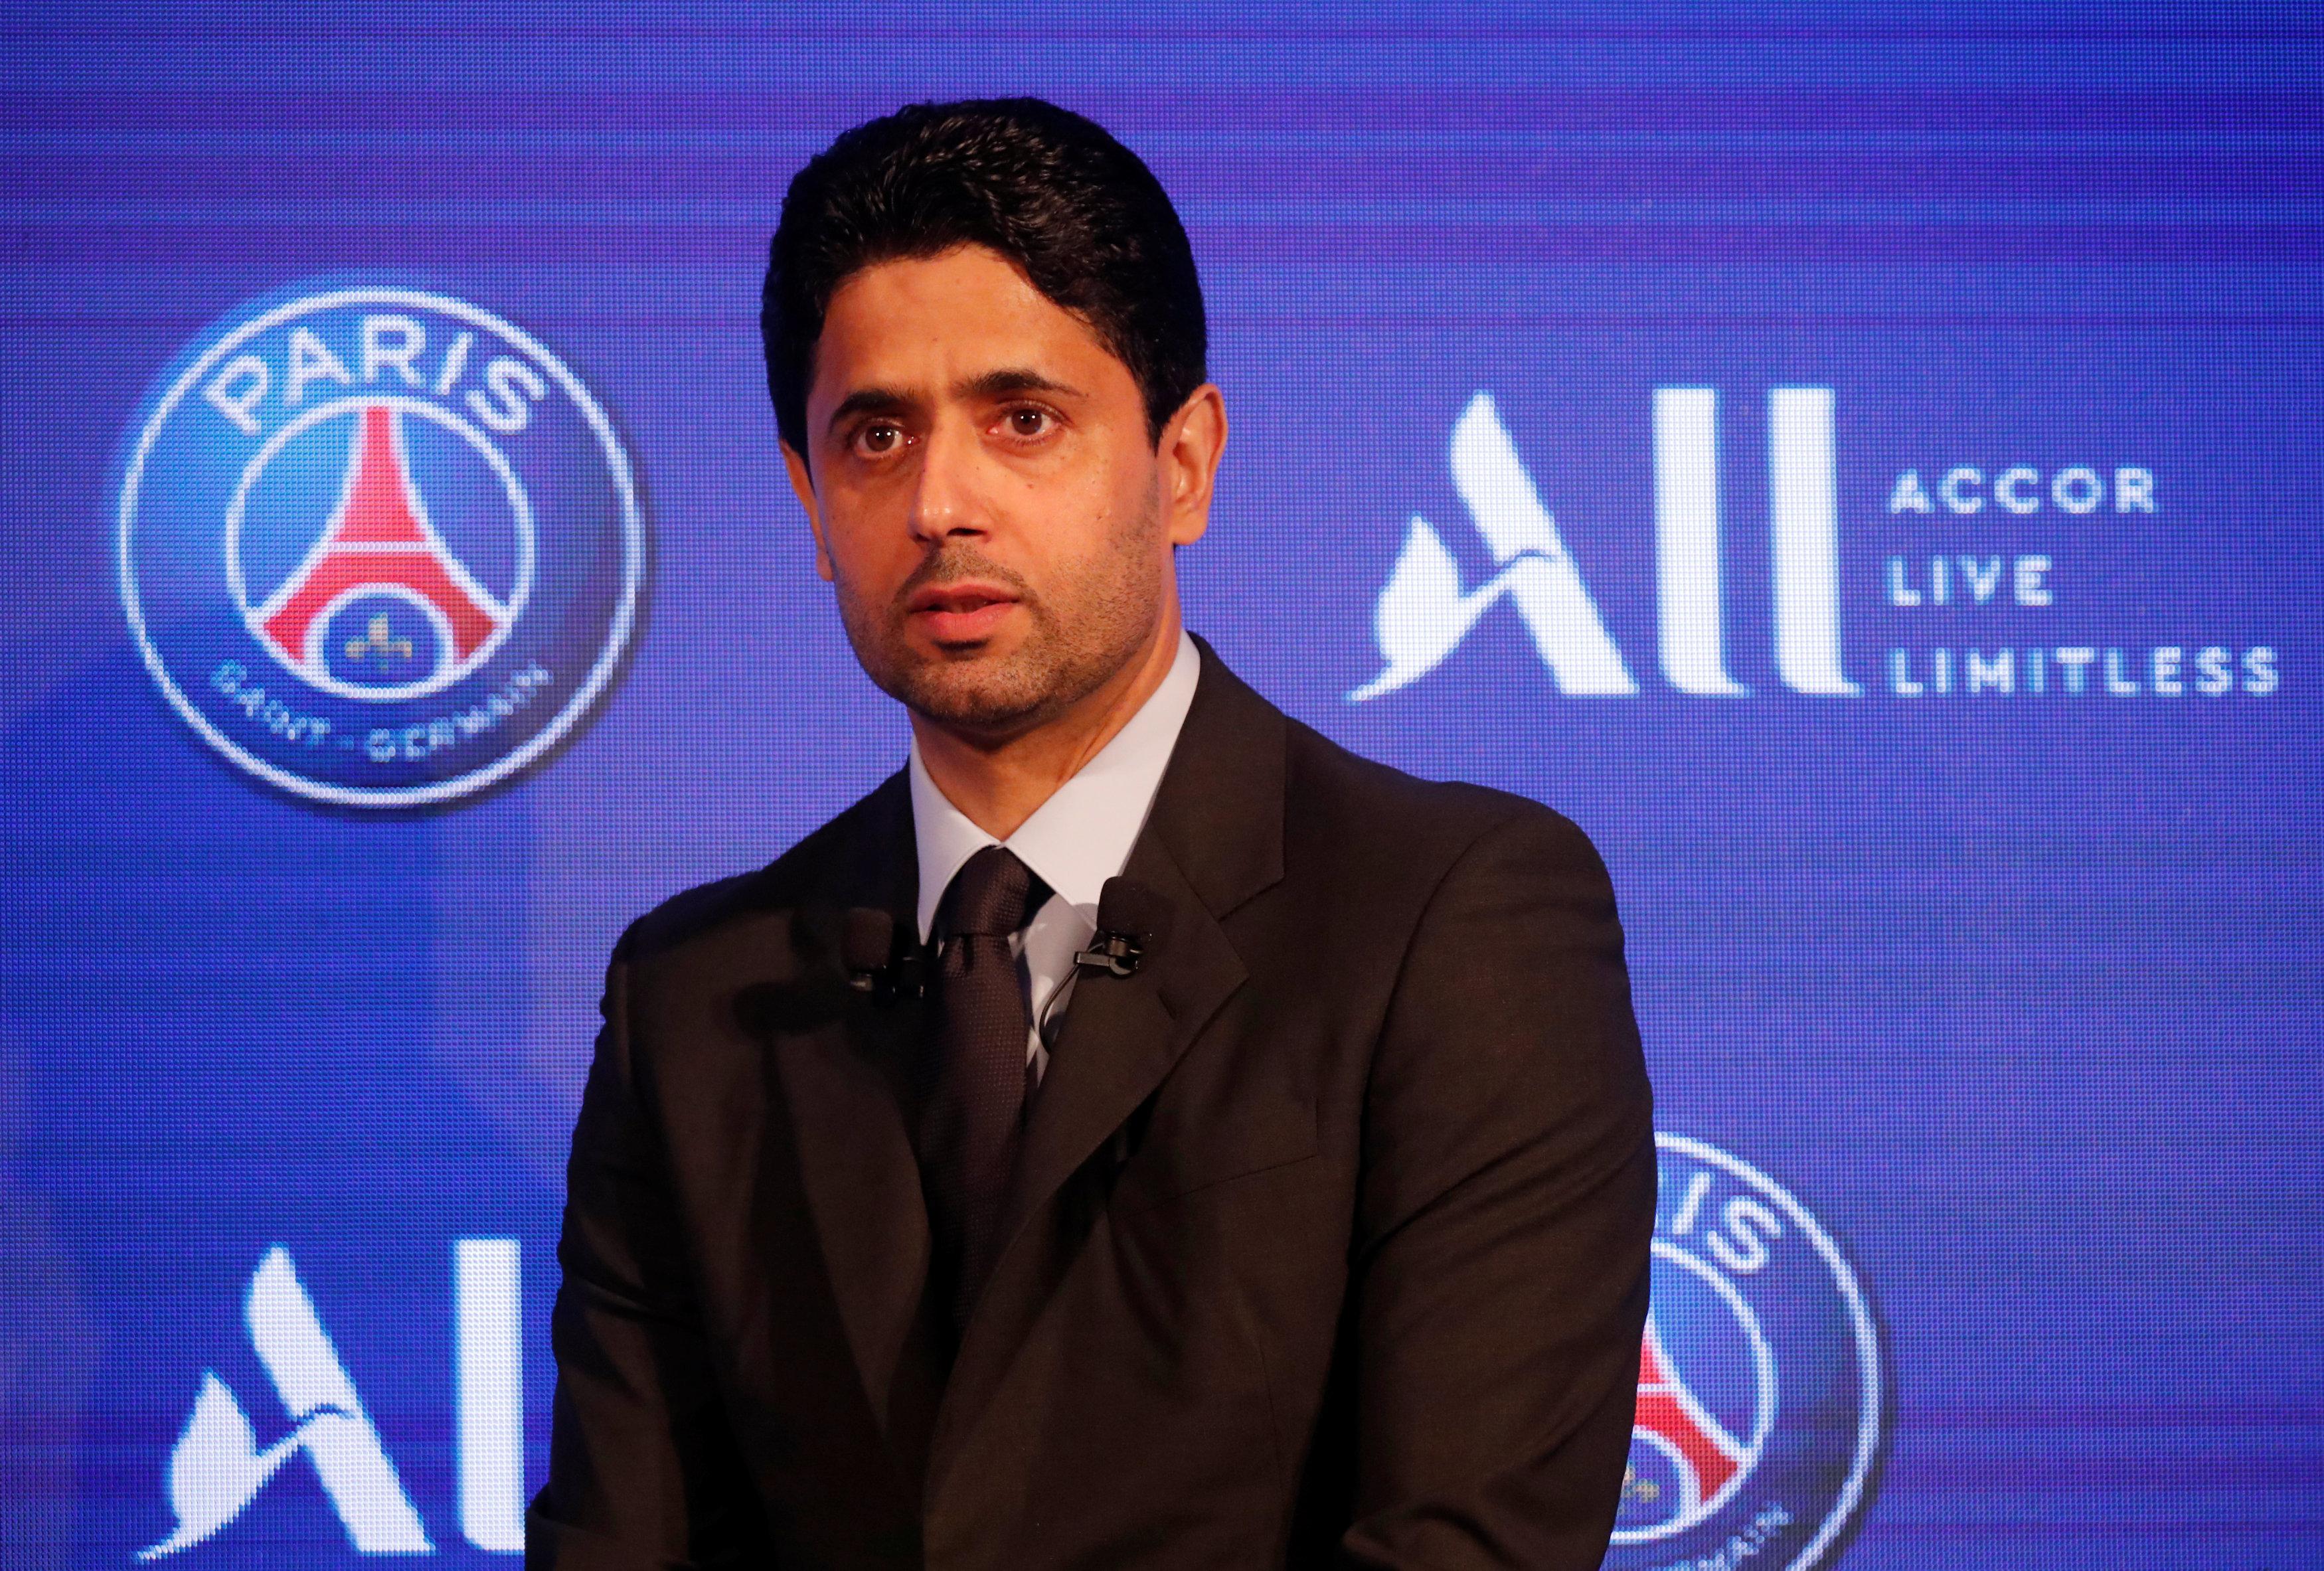 Football - Ligue des champions - Le PSG veut finir la Ligue des champions, même à l'étranger